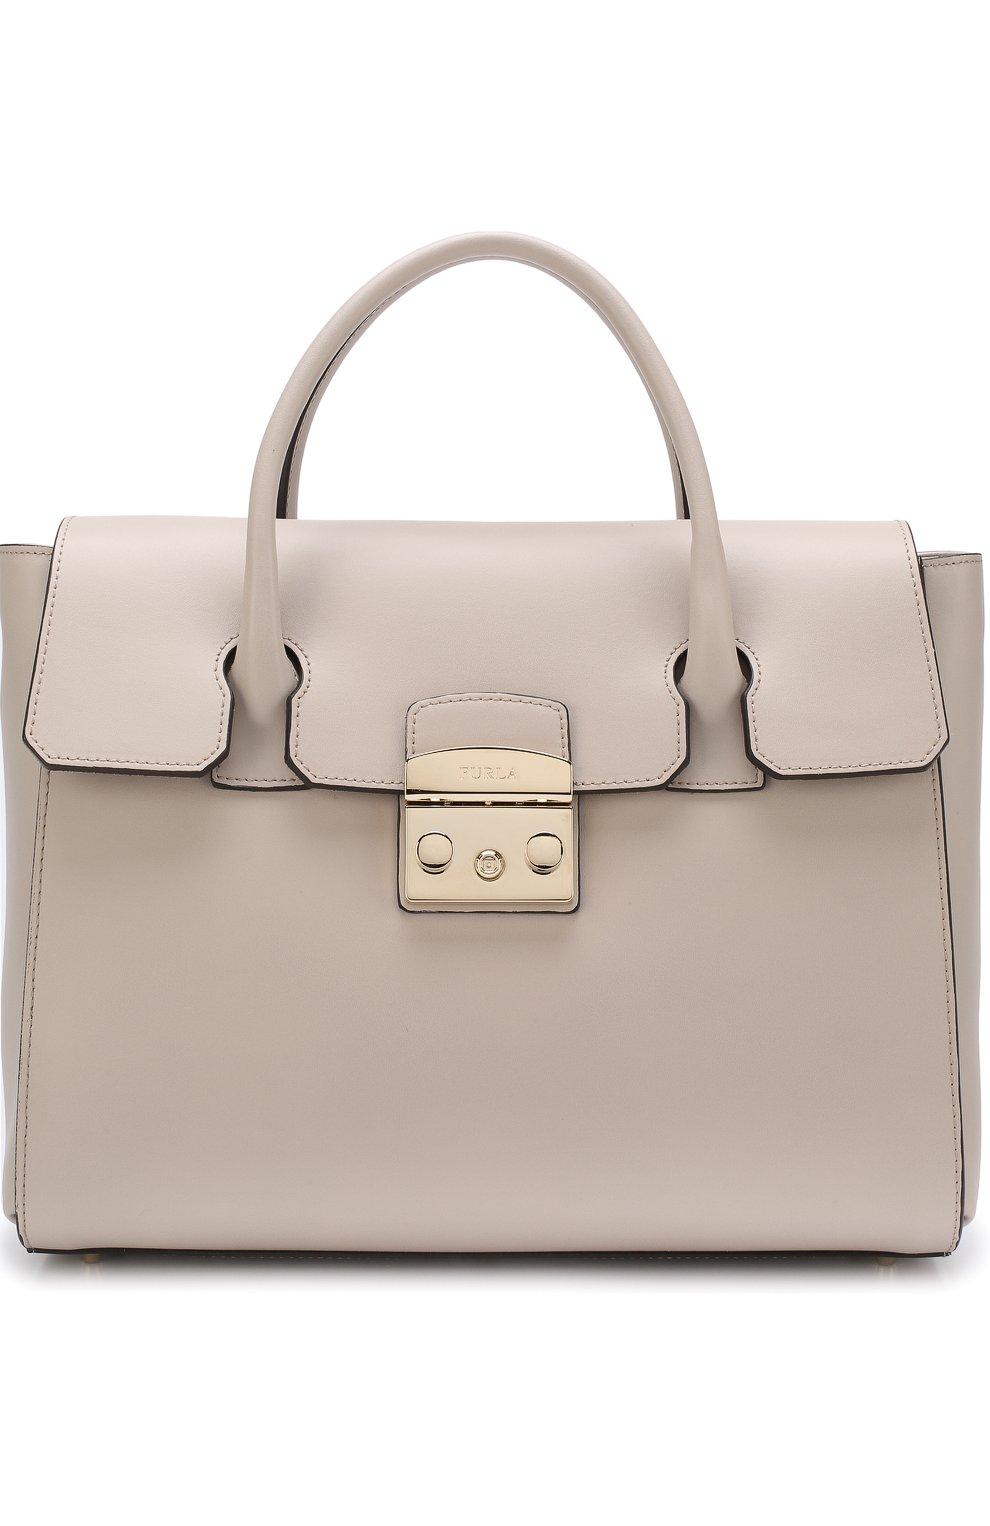 Женская сумка-тоут metropolis FURLA бежевого цвета — купить за 32500 ... 4f76d52439b